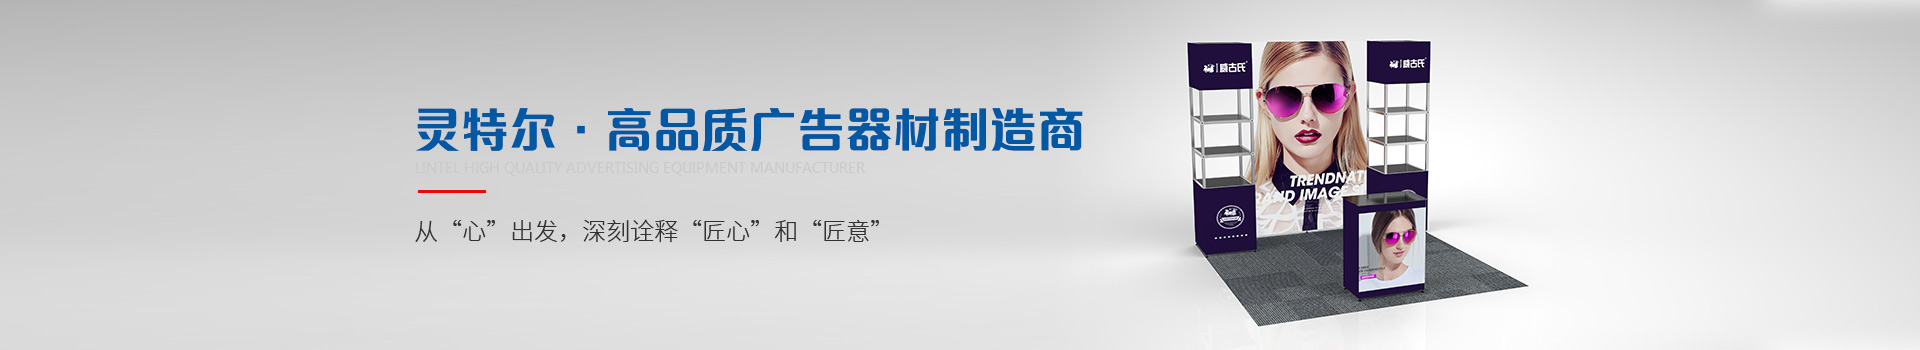 灵特尔·高品质广告器材制造商